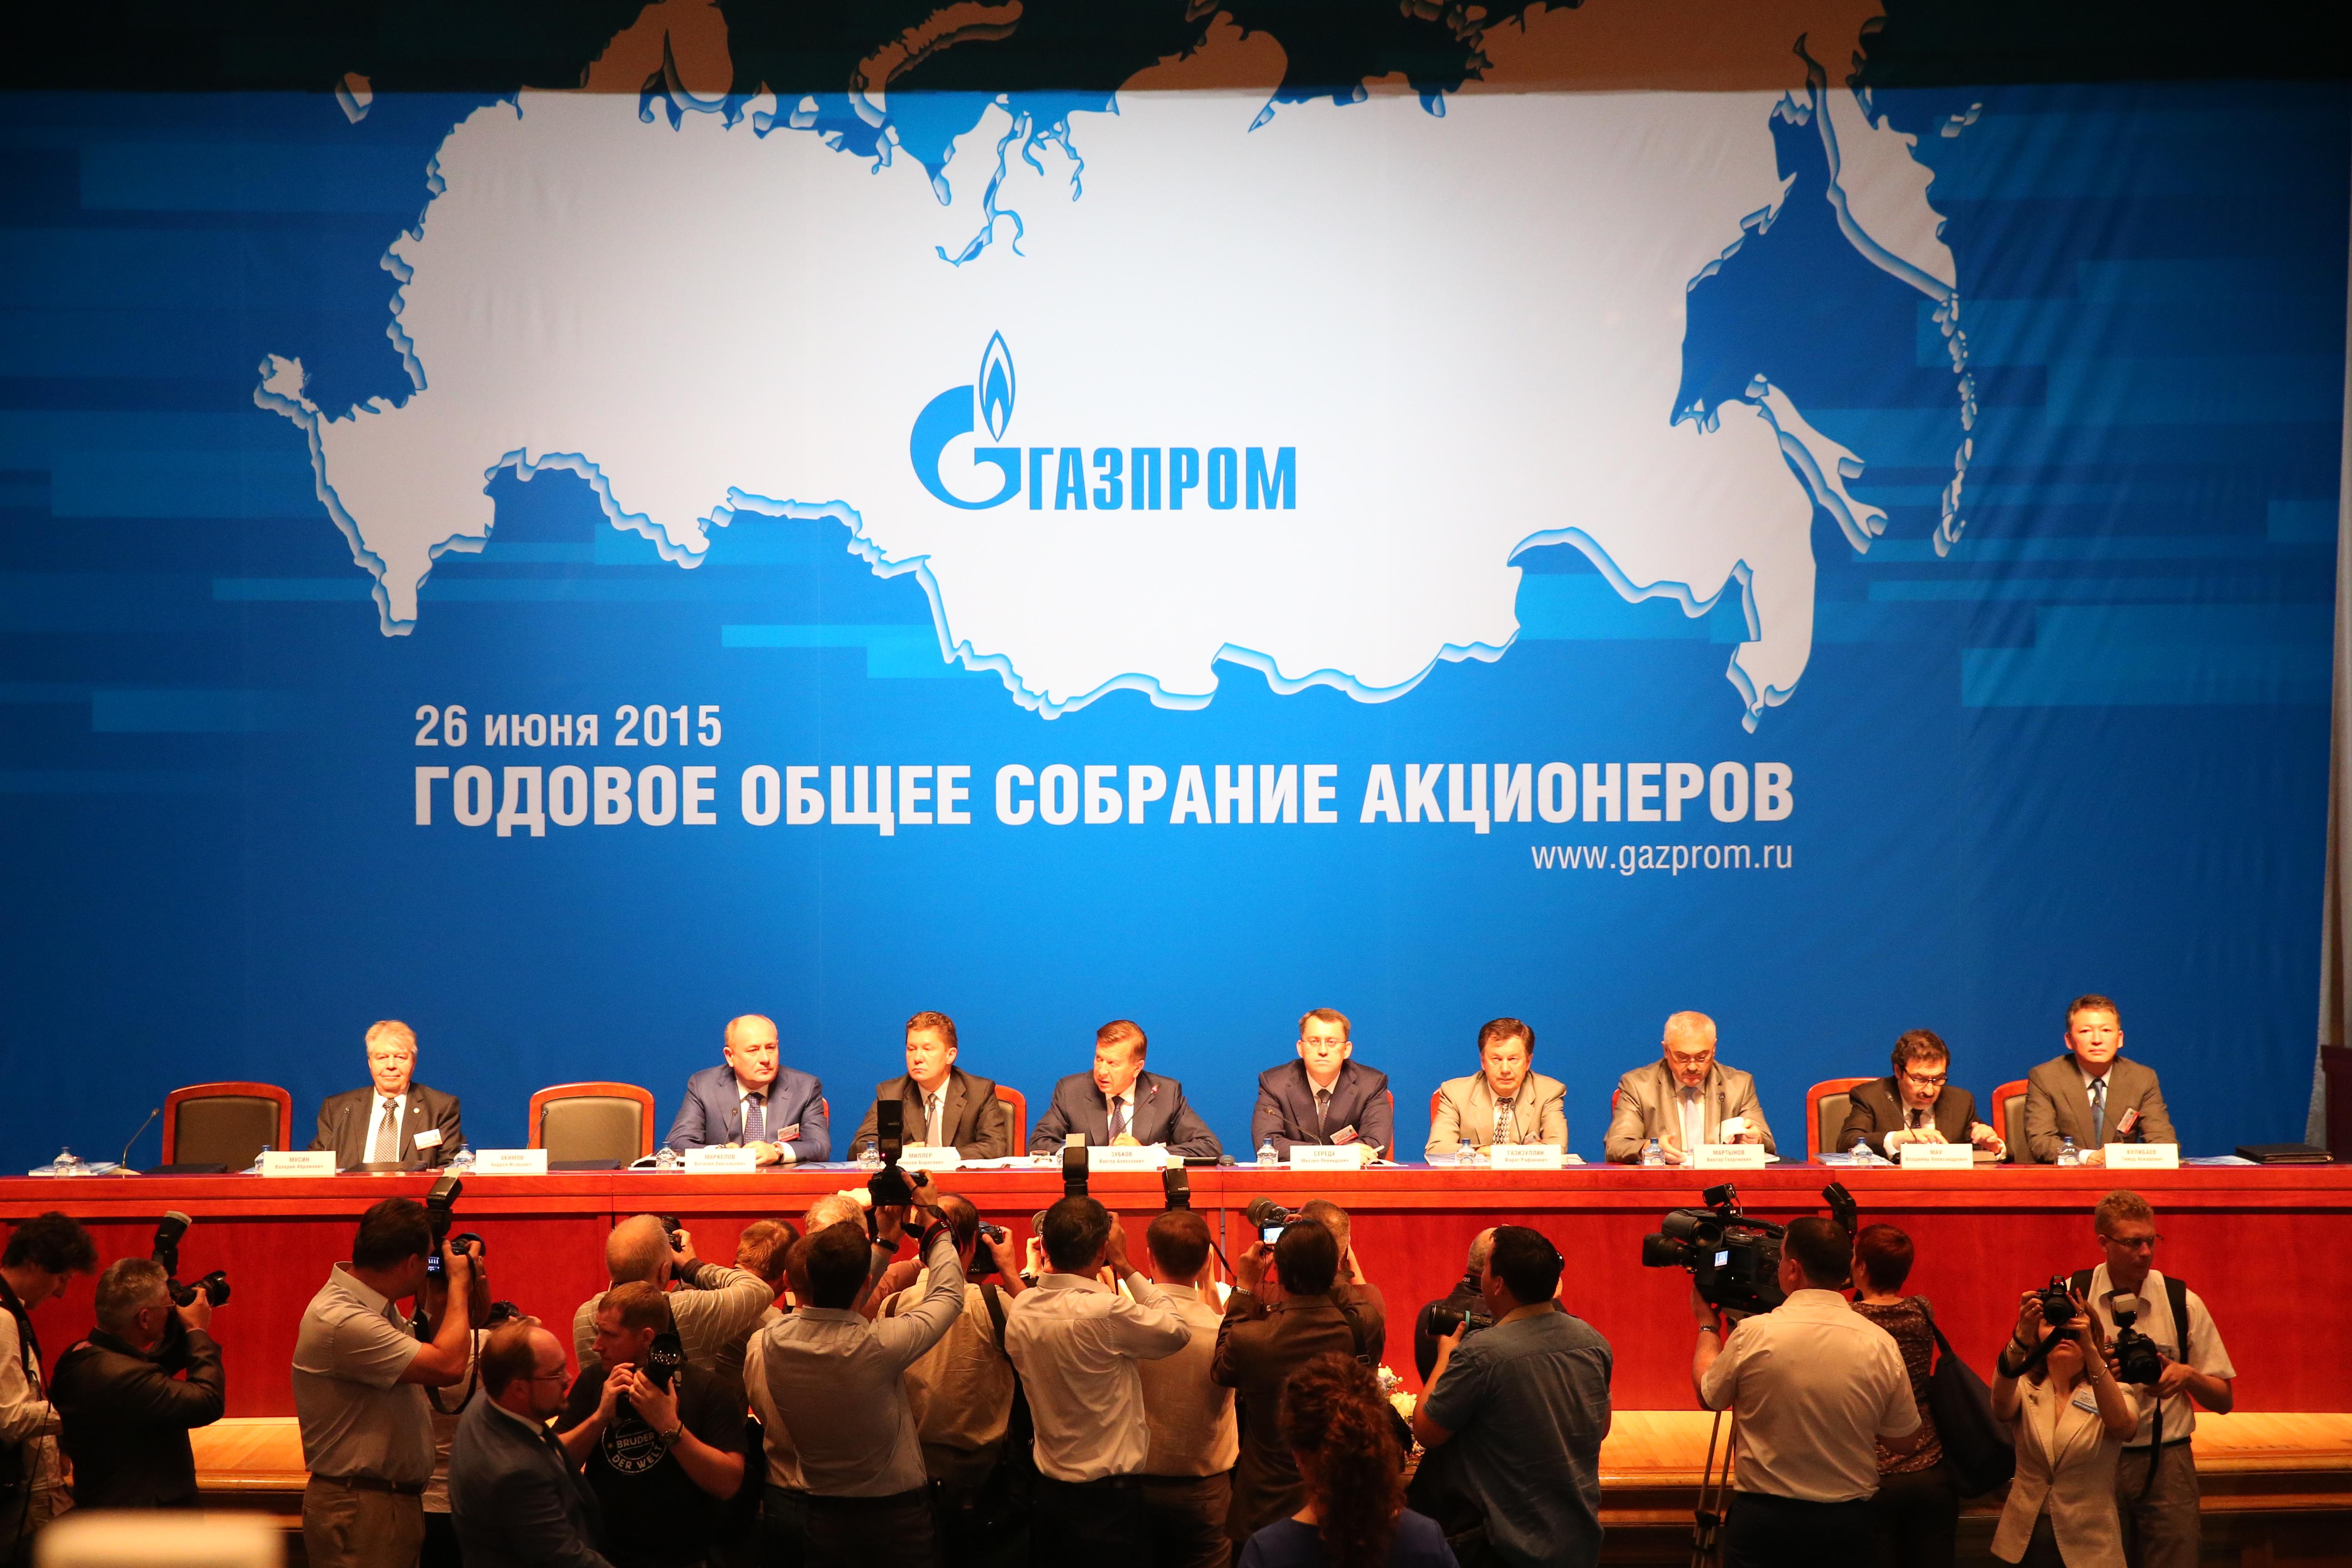 Кто акционеры газпрома